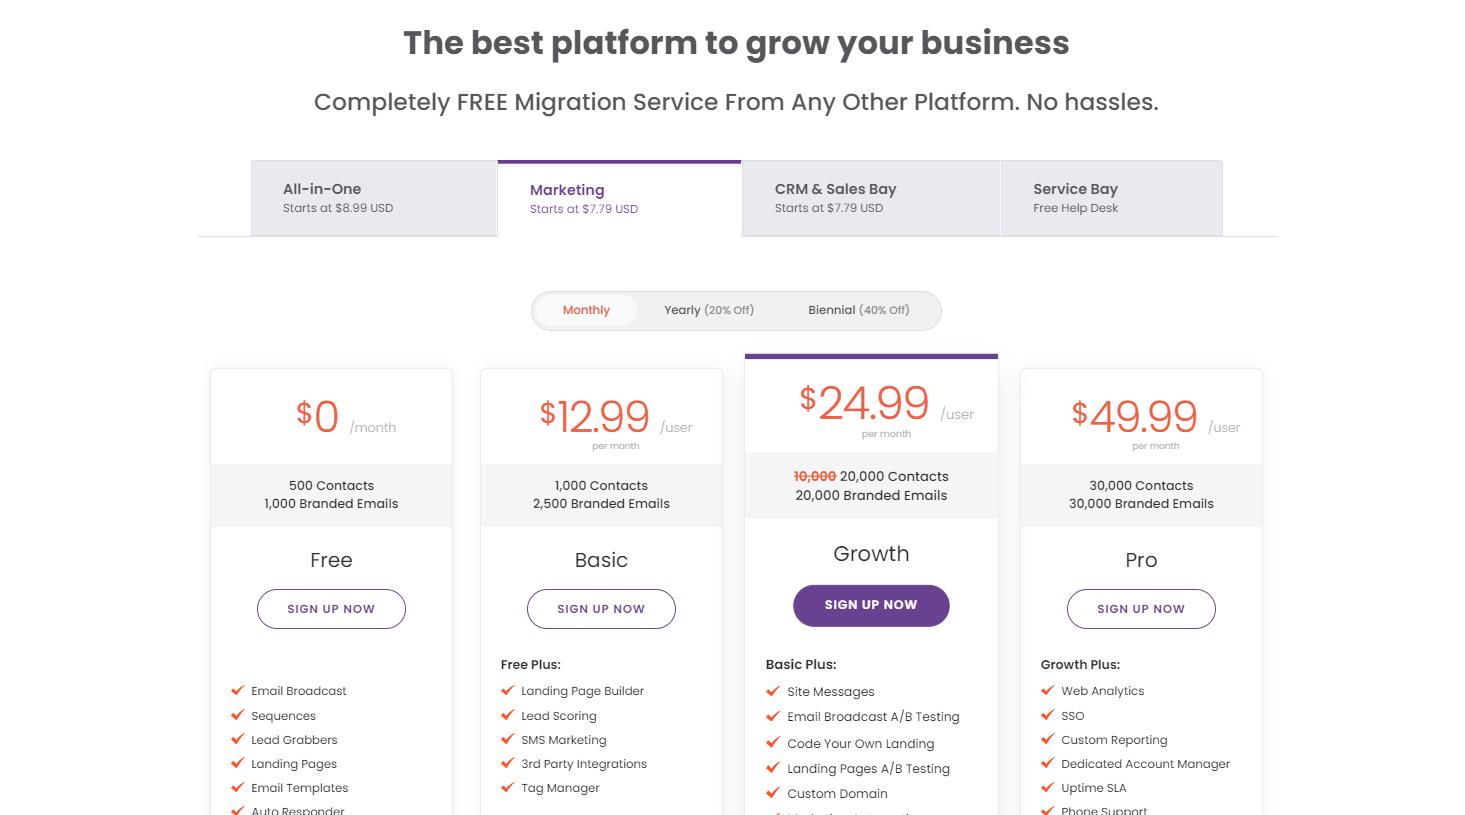 EngageBay marketing bay pricing